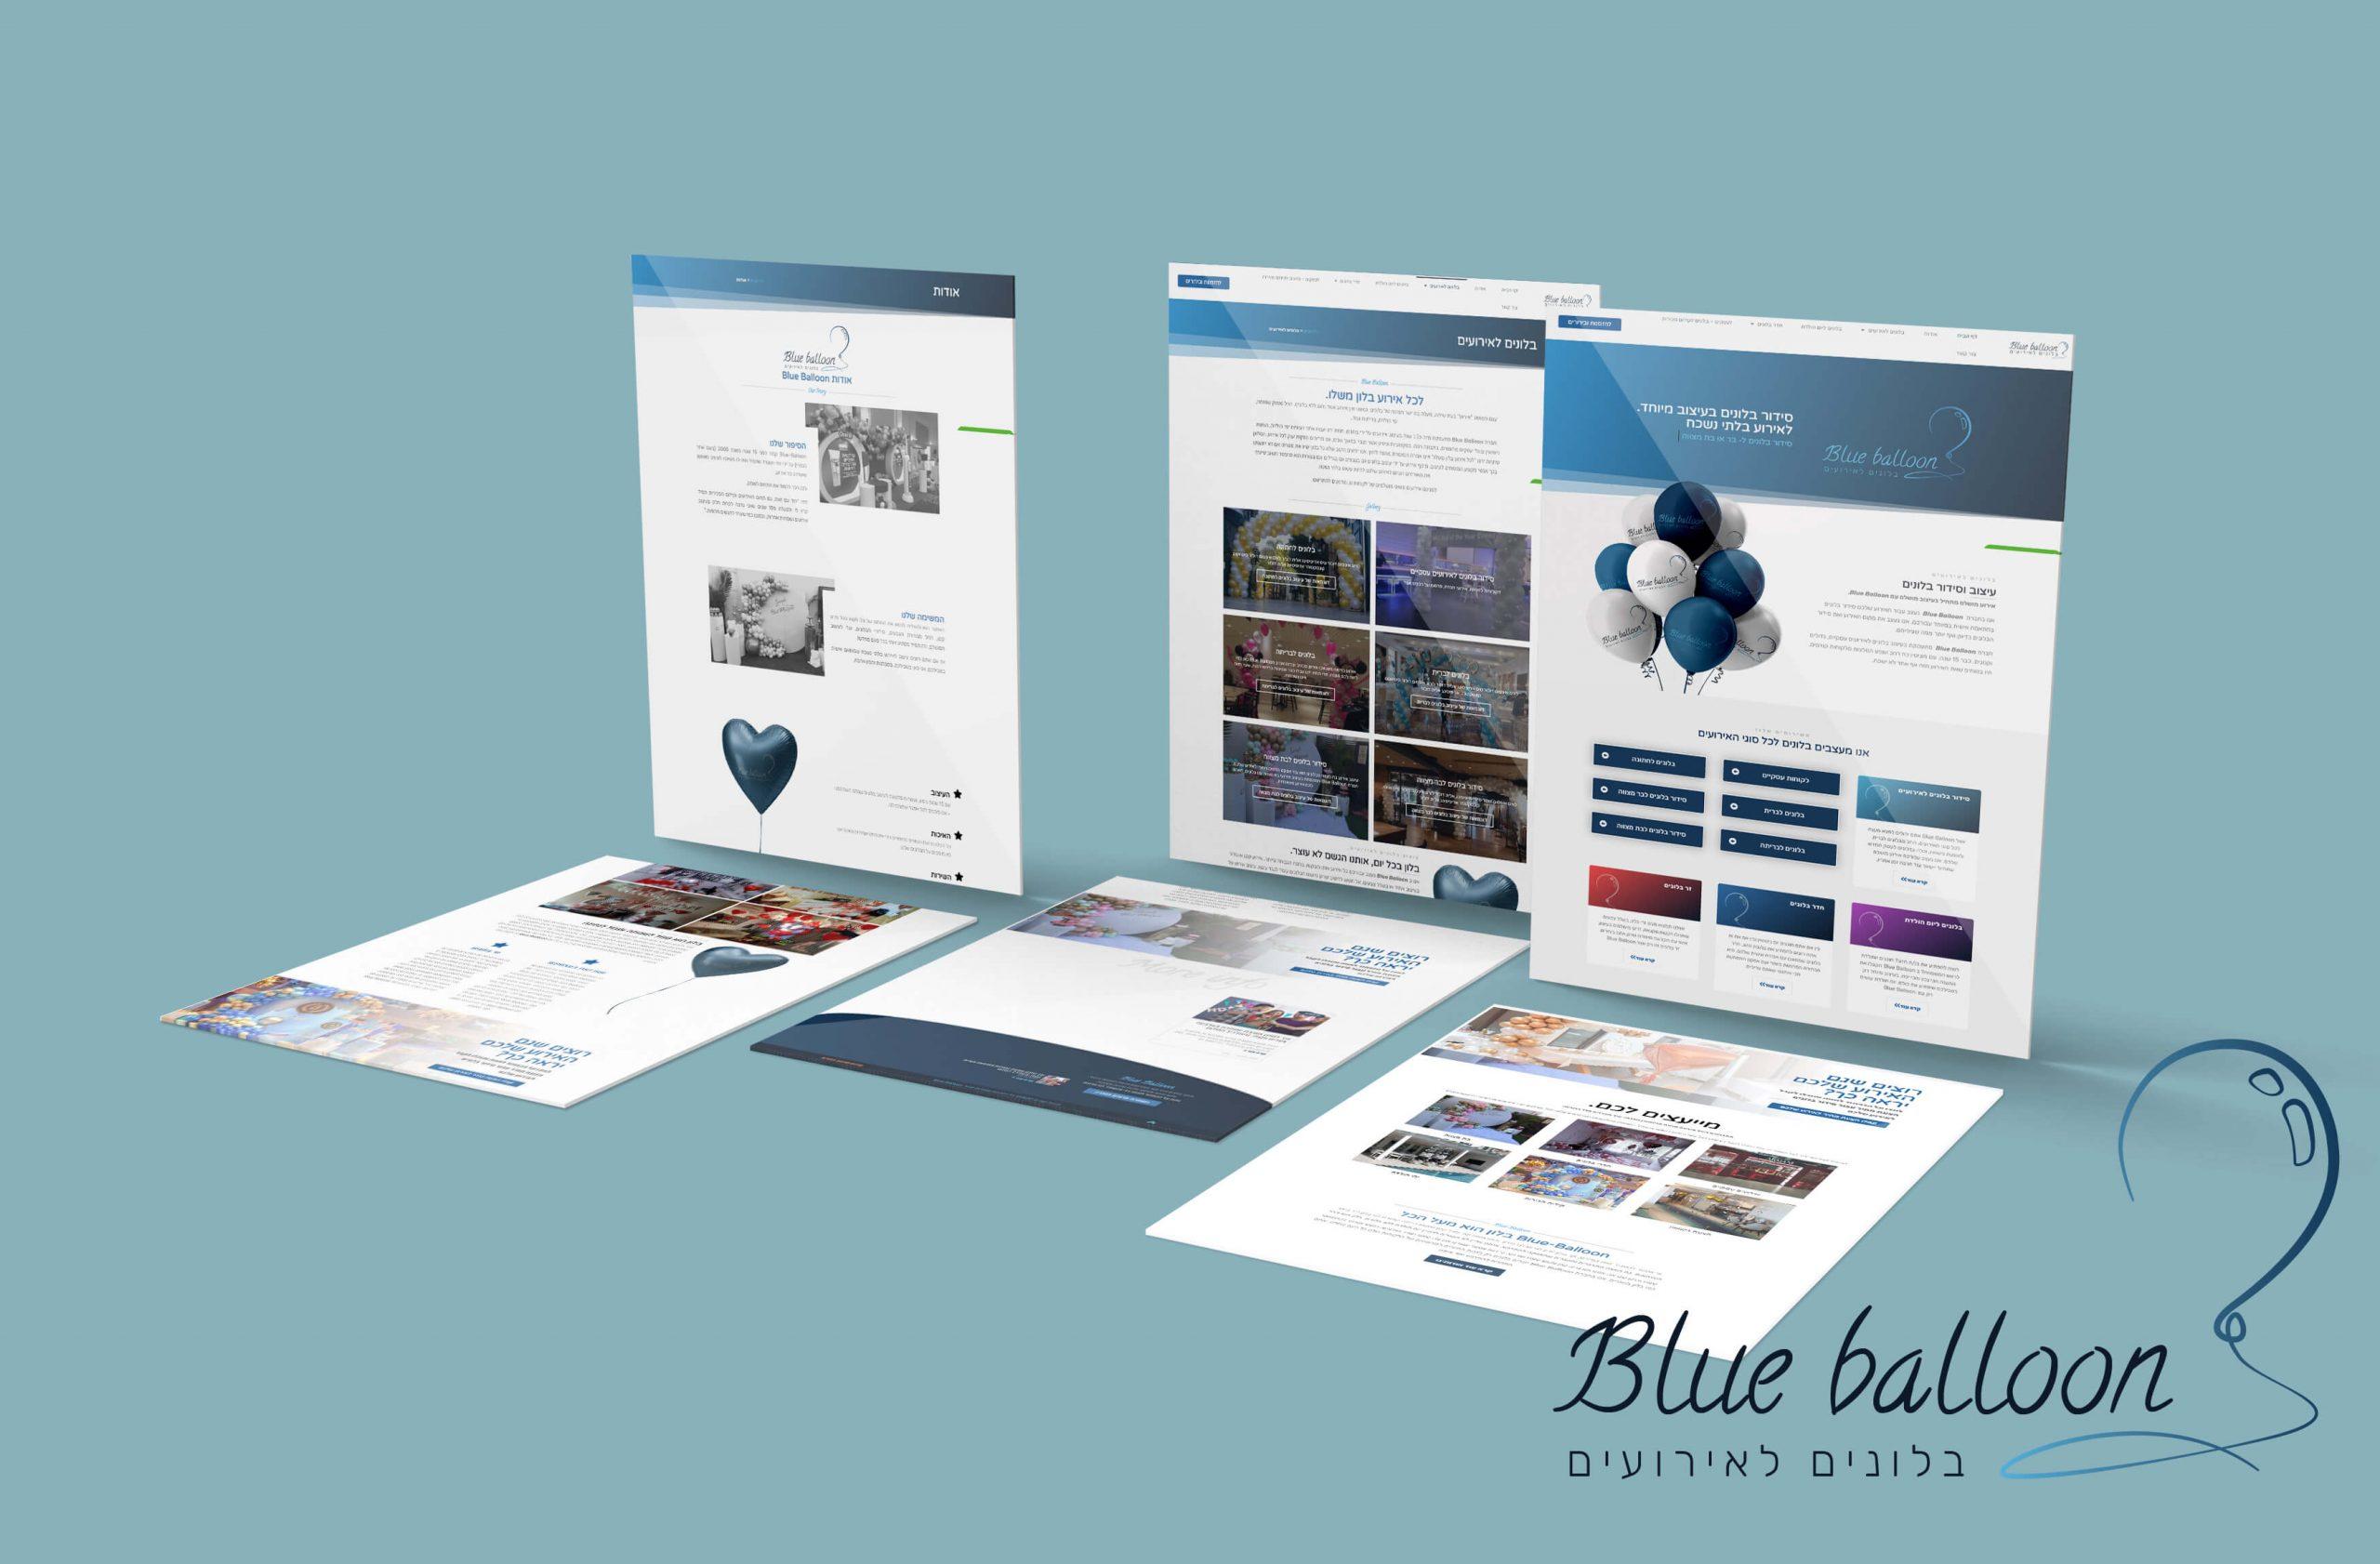 BlueBalloon